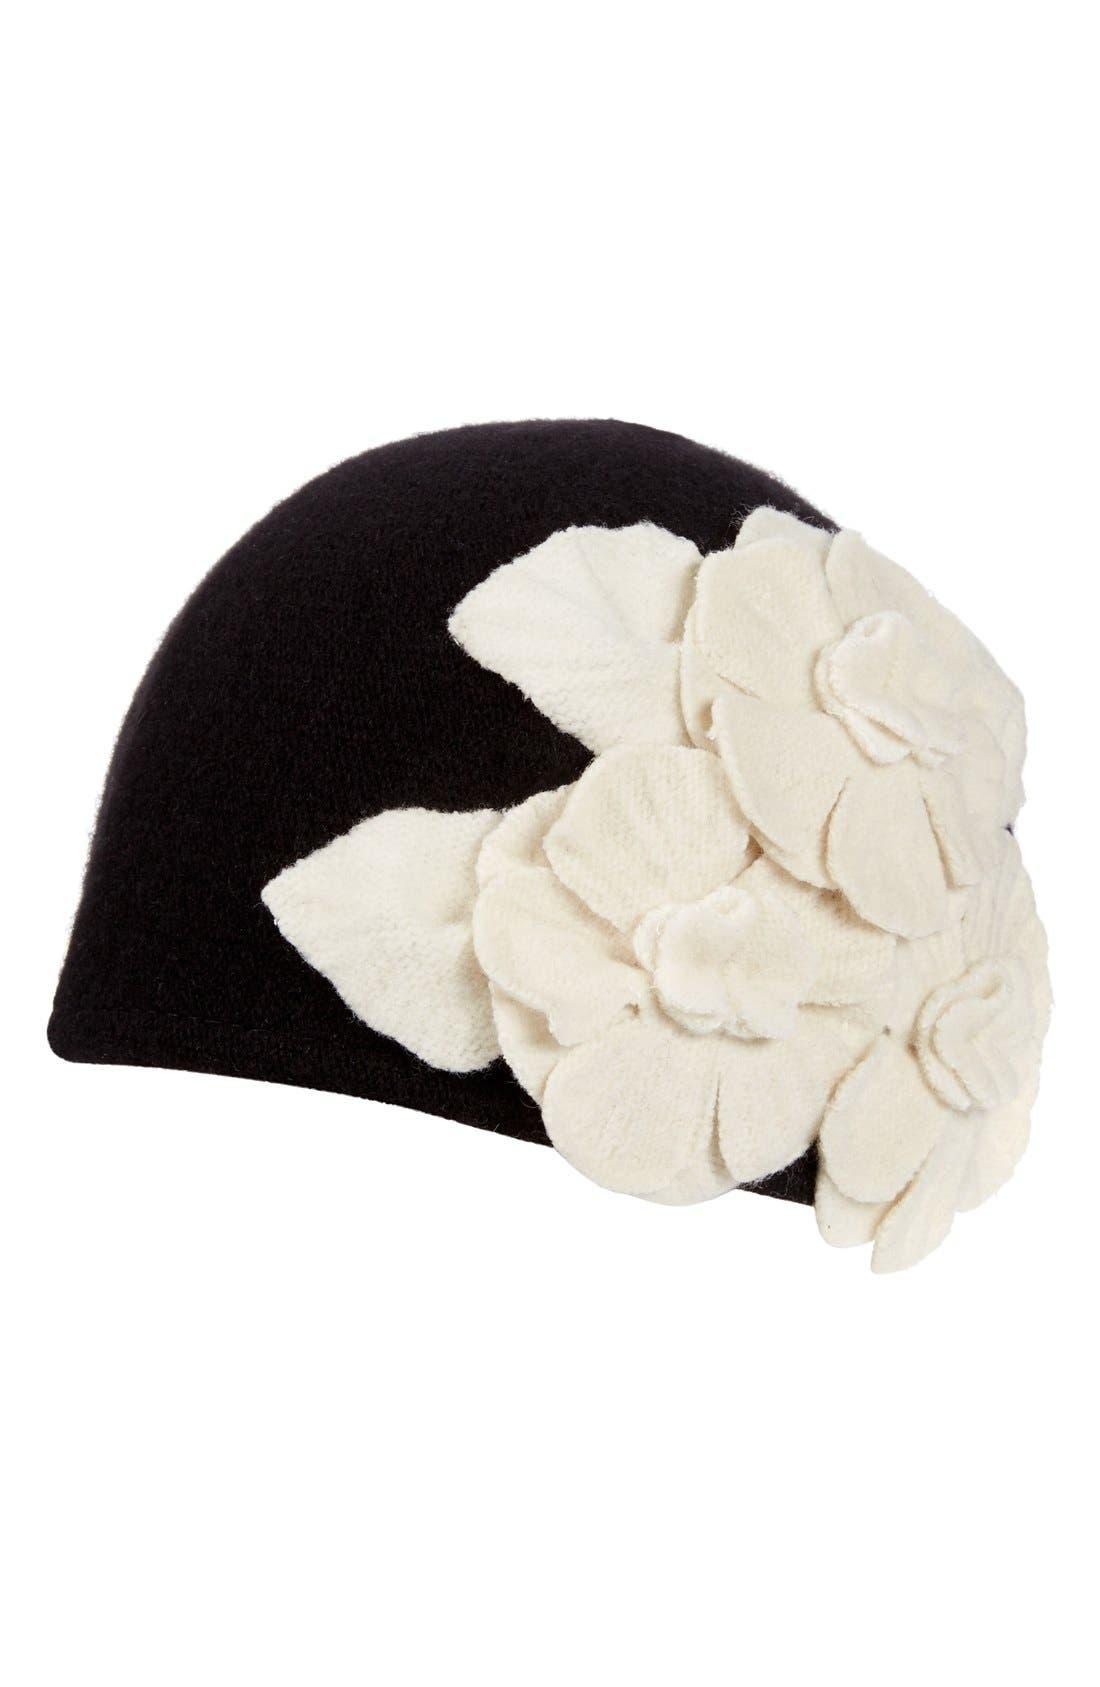 Alternate Image 1 Selected - Helene BermanFloral Embellished Cap